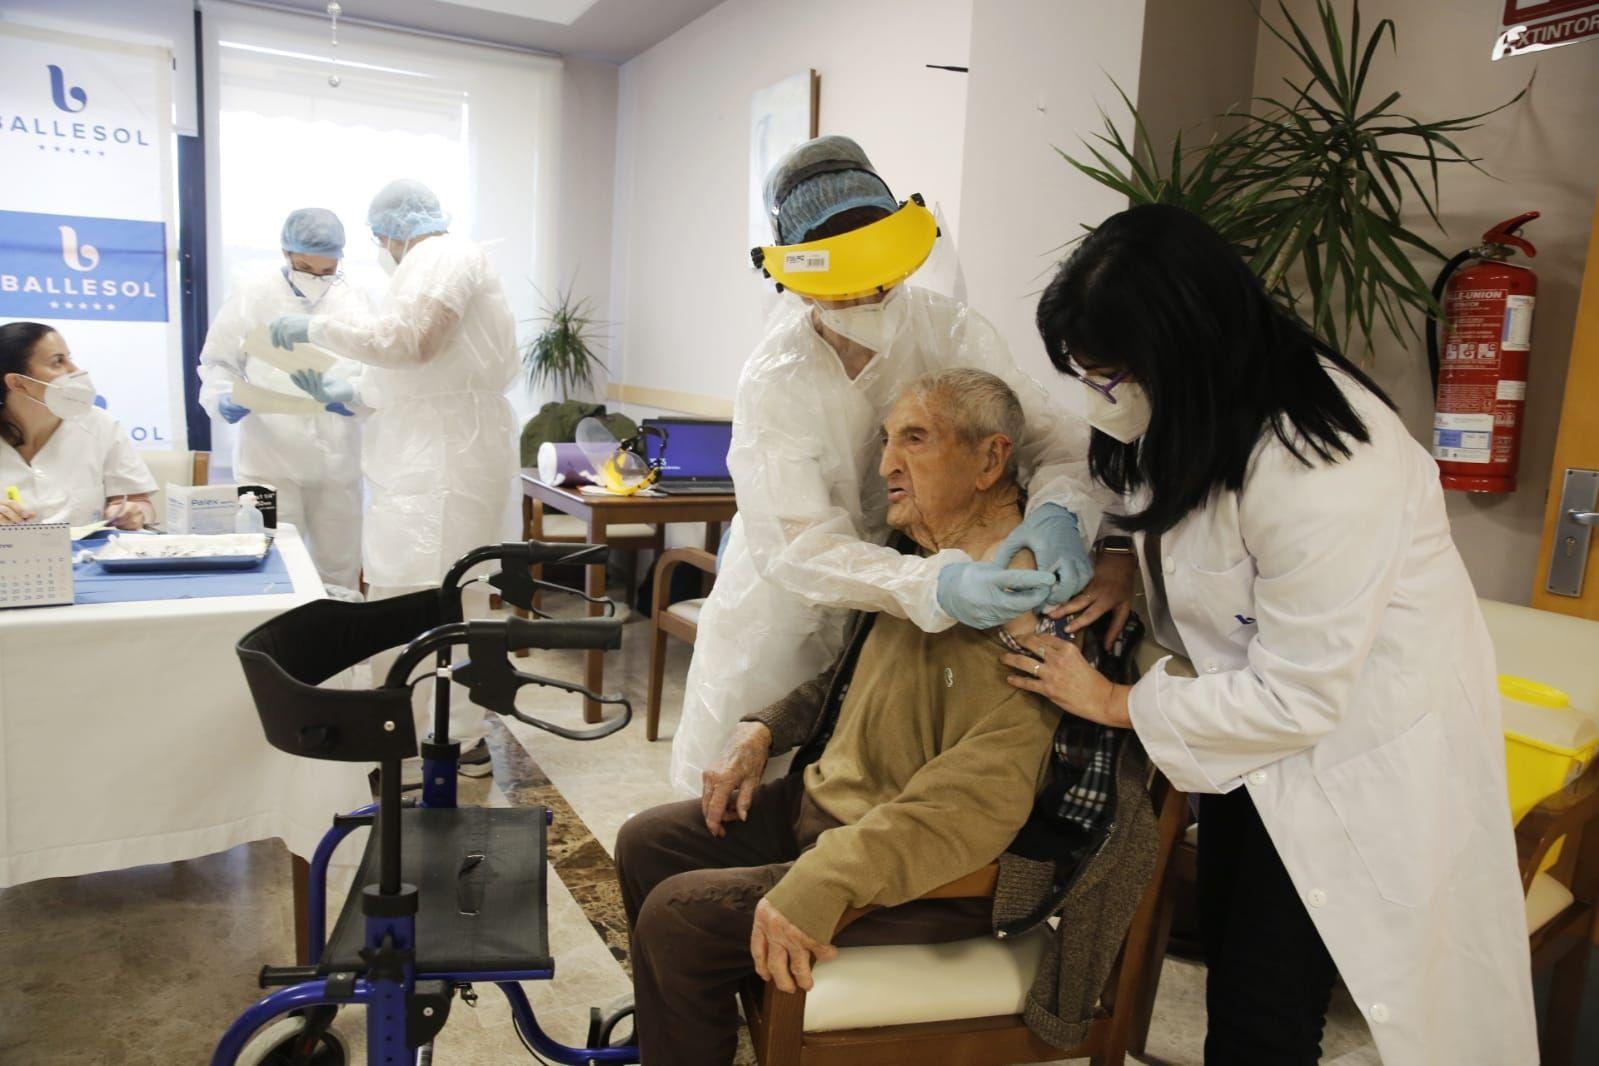 Vacunación en la residencia de mayores Ballesol